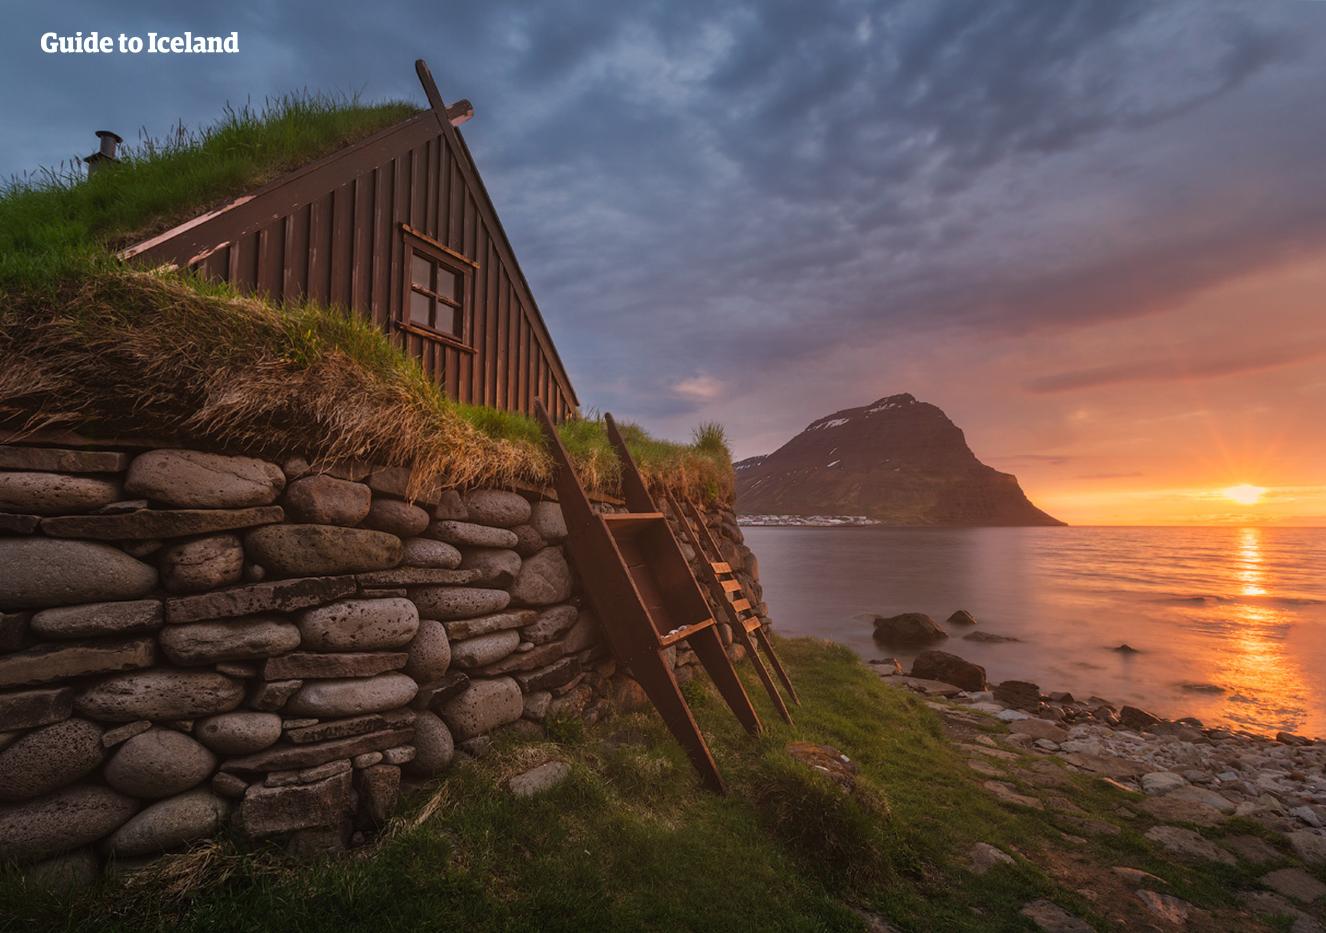 아이슬란드 웨스트피요르드의 볼롱가르비에서는 전통가옥 터프 하우스(잔디덮인 지붕)를 찾아볼 수 있습니다.